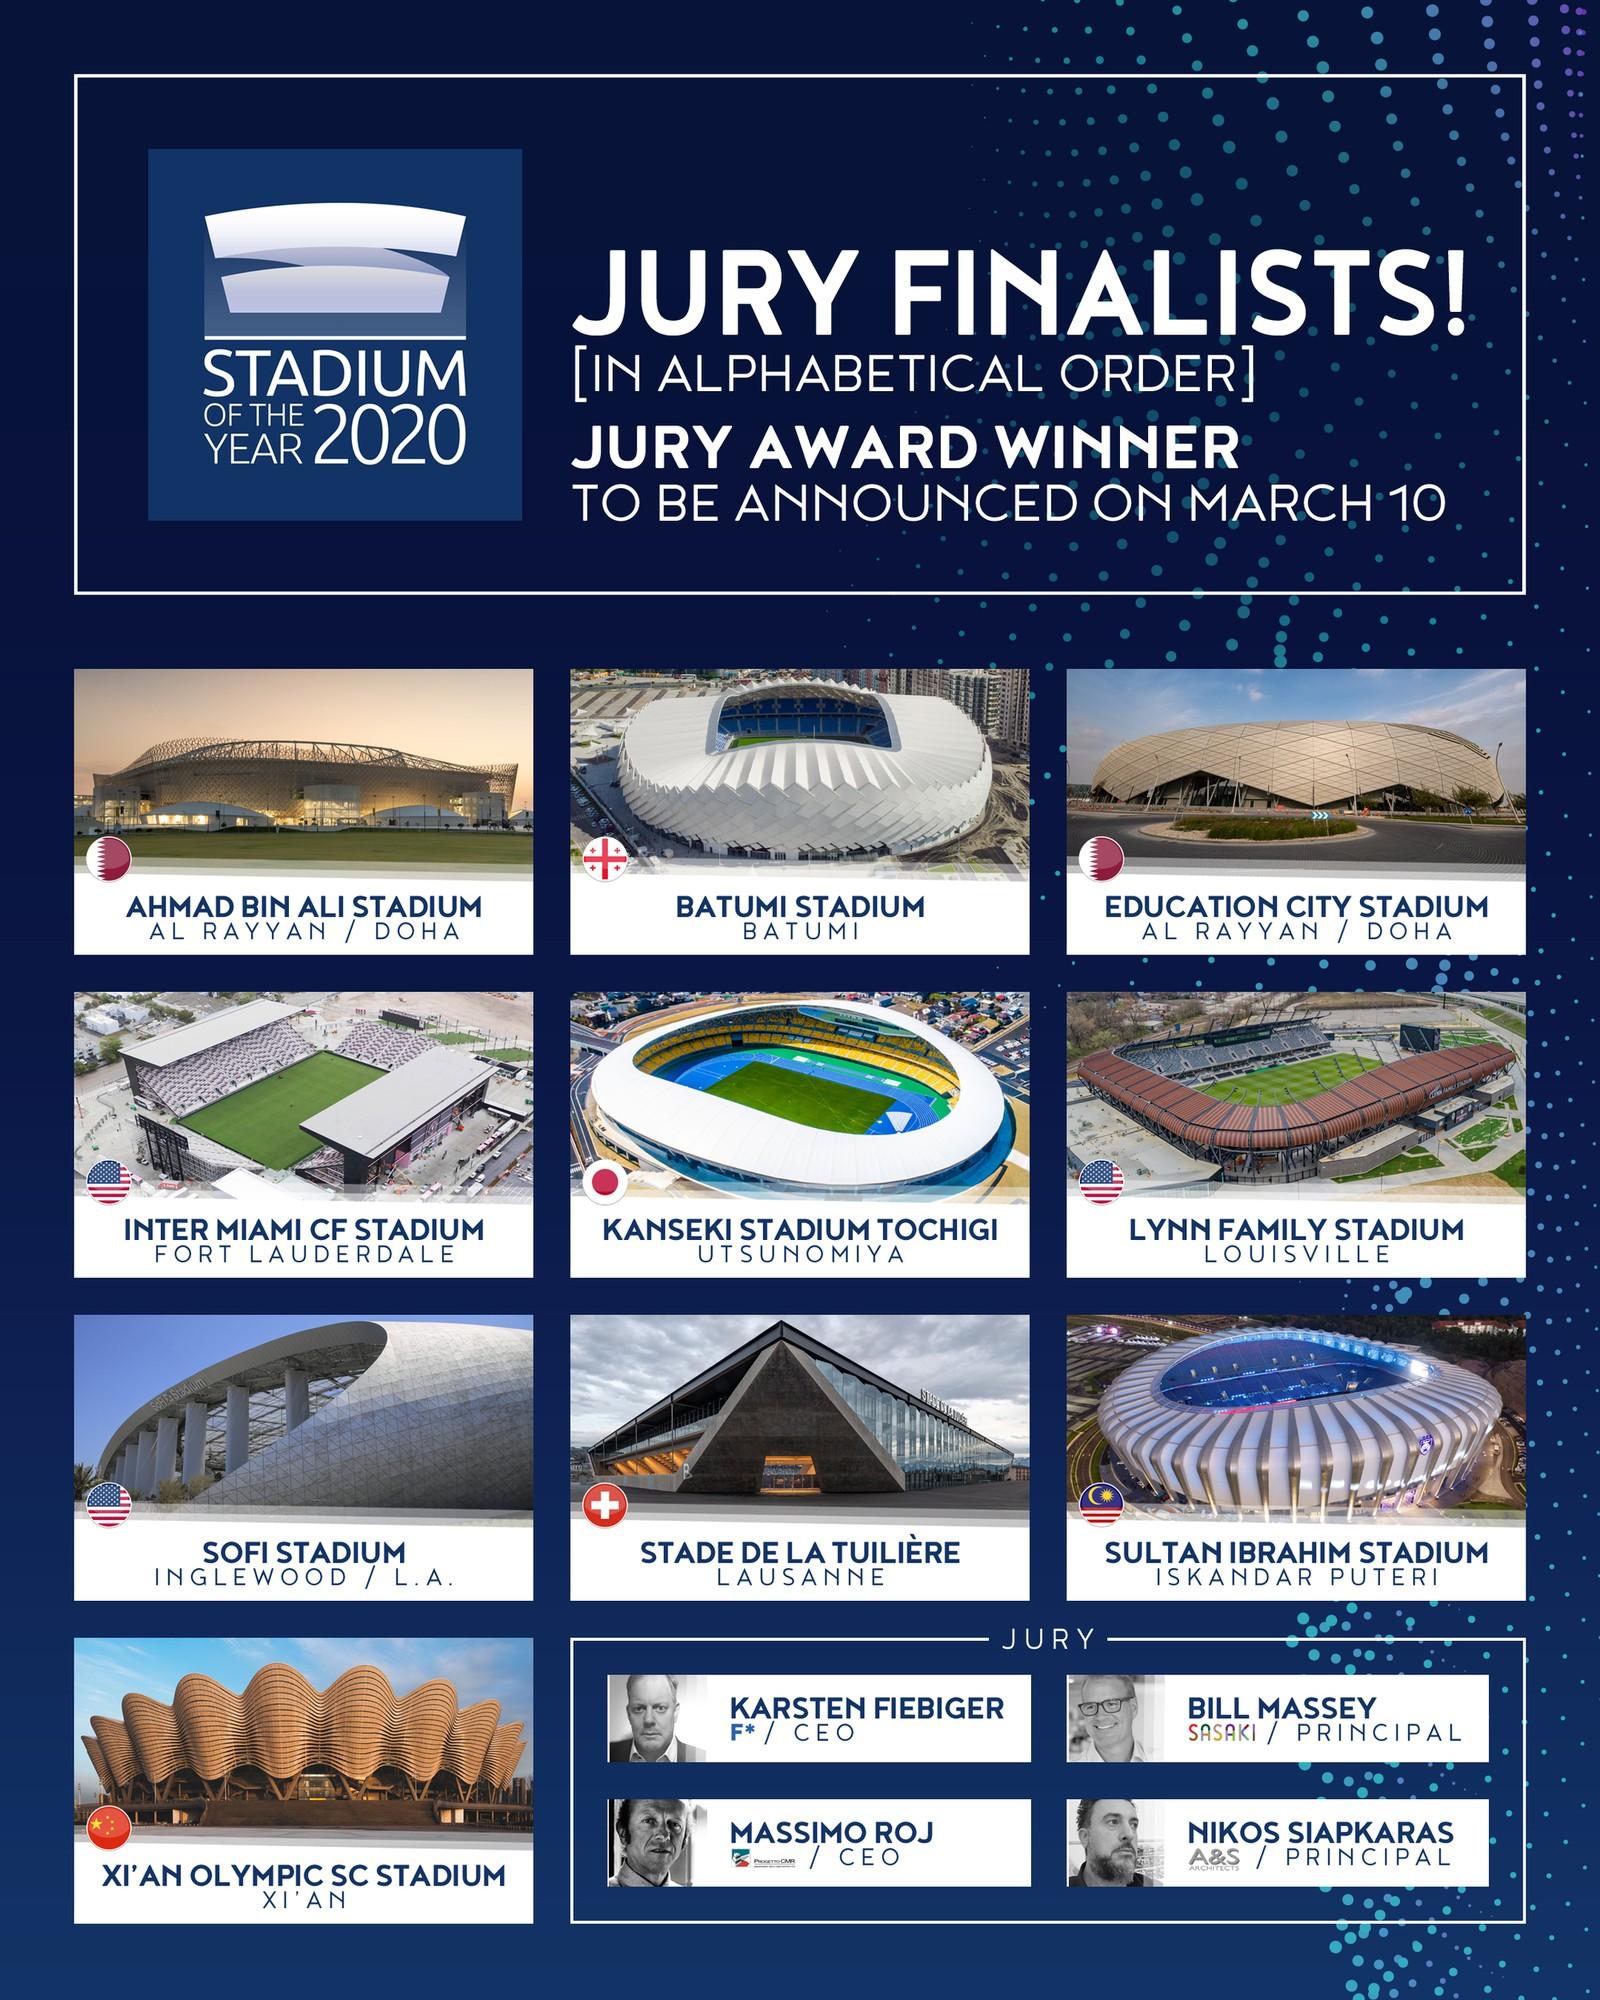 Stadium of the Year 2020 Jury vote